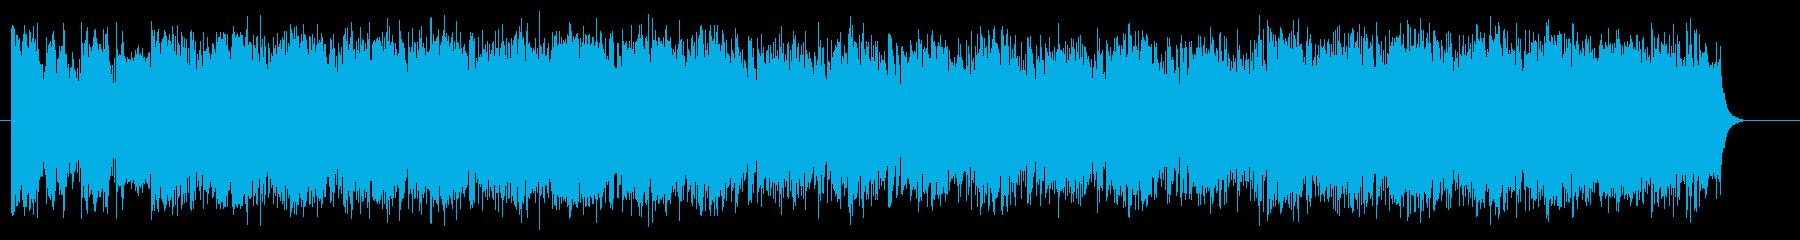 疾走感のあるテクノ・ロックの再生済みの波形